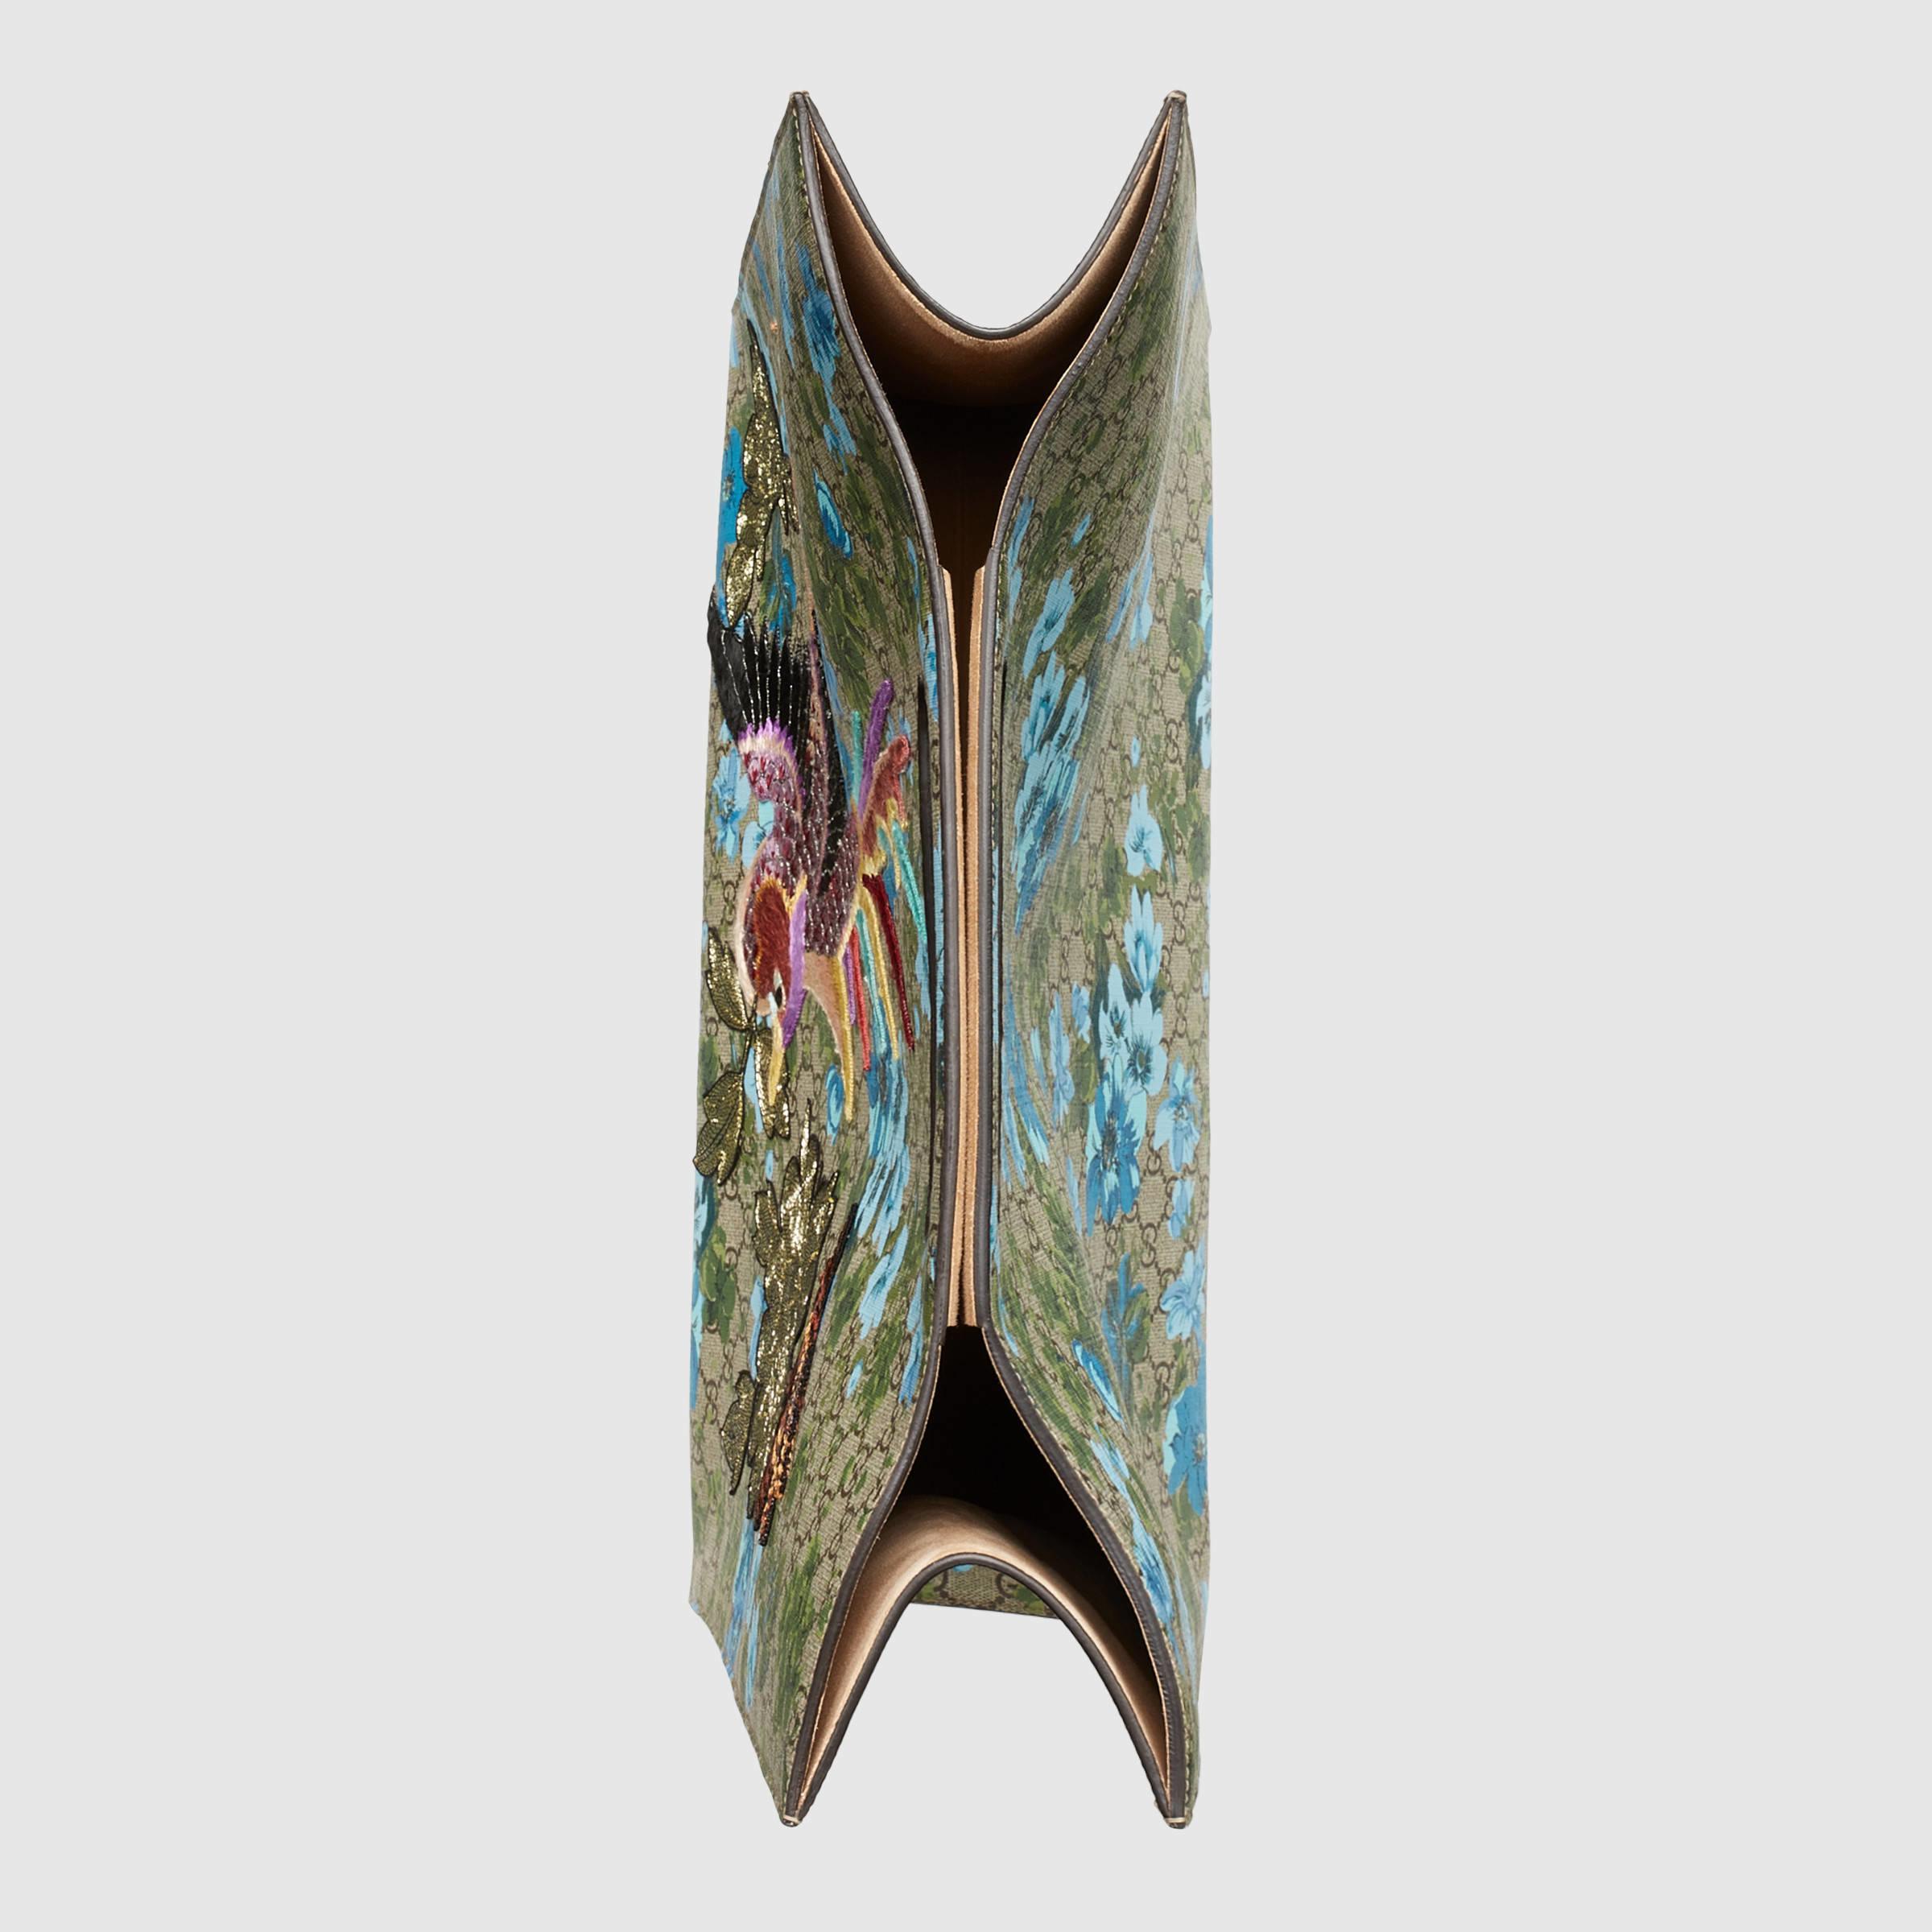 prada diaper bag sale - Gucci Gucci Xl Gg Floral Print Tote in Multicolor (GG supreme) | Lyst